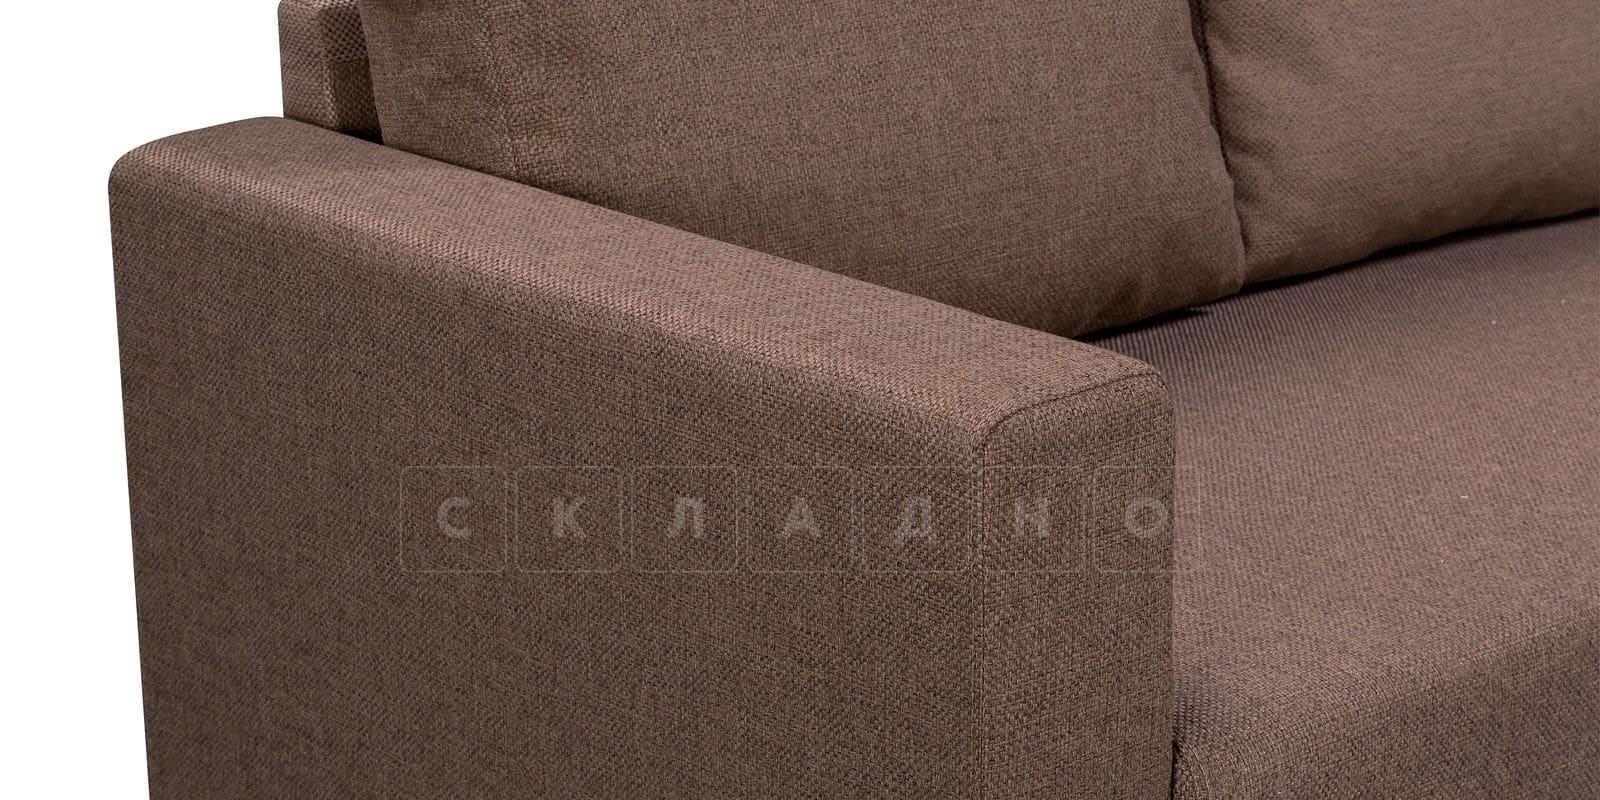 Угловой диван Турин коричневый фото 5 | интернет-магазин Складно